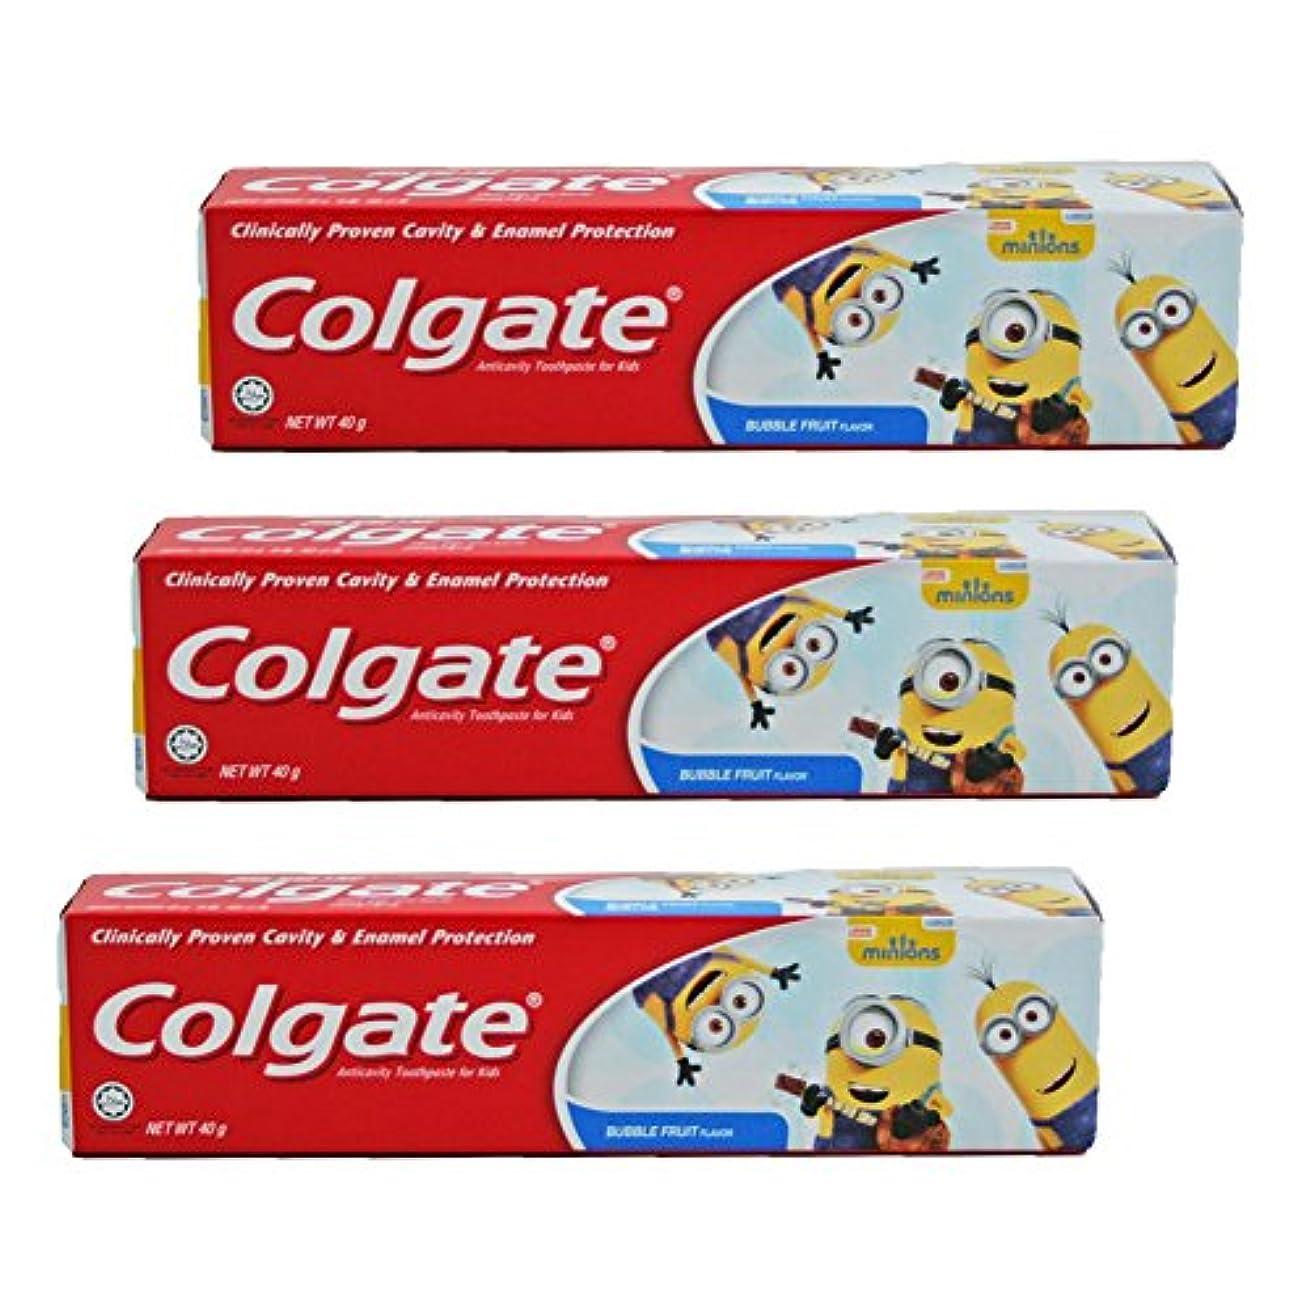 委任検出器湿原コルゲート Colgate 子供用 Kids-BUBBLE FRUIT FLAVOR (ミニオン, 40g) 3個セット [並行輸入品]